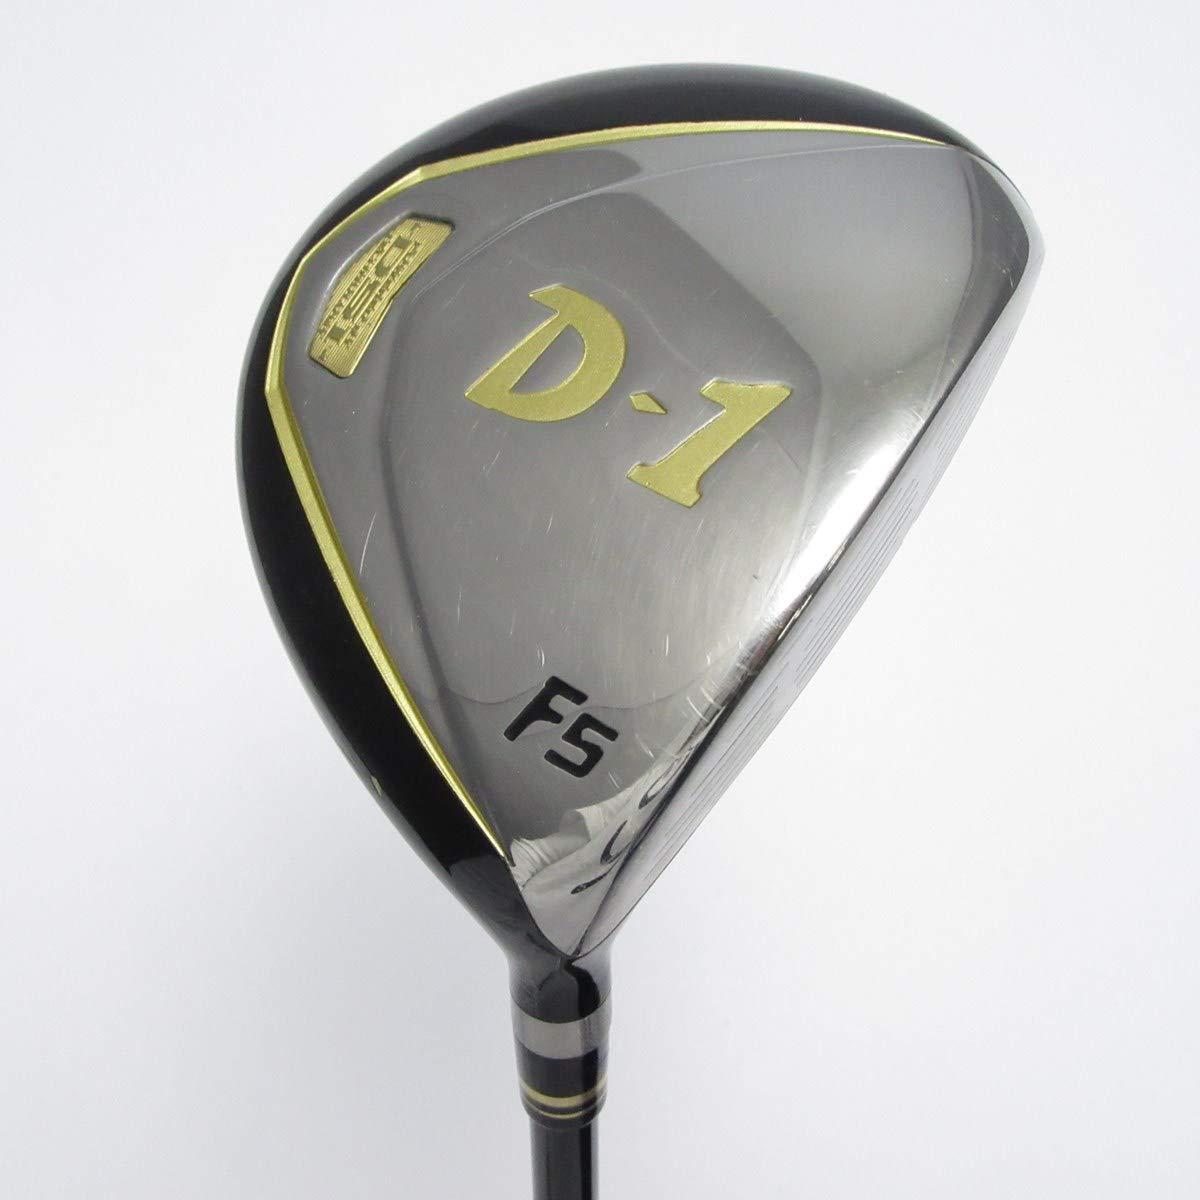 【中古】リョーマ ゴルフ RYOMA GOLF Ryoma D-1 F(メーカー公認中古) フェアウェイウッド Tour AD RYOMA F 【5W】 B07MTQRZ66  SR